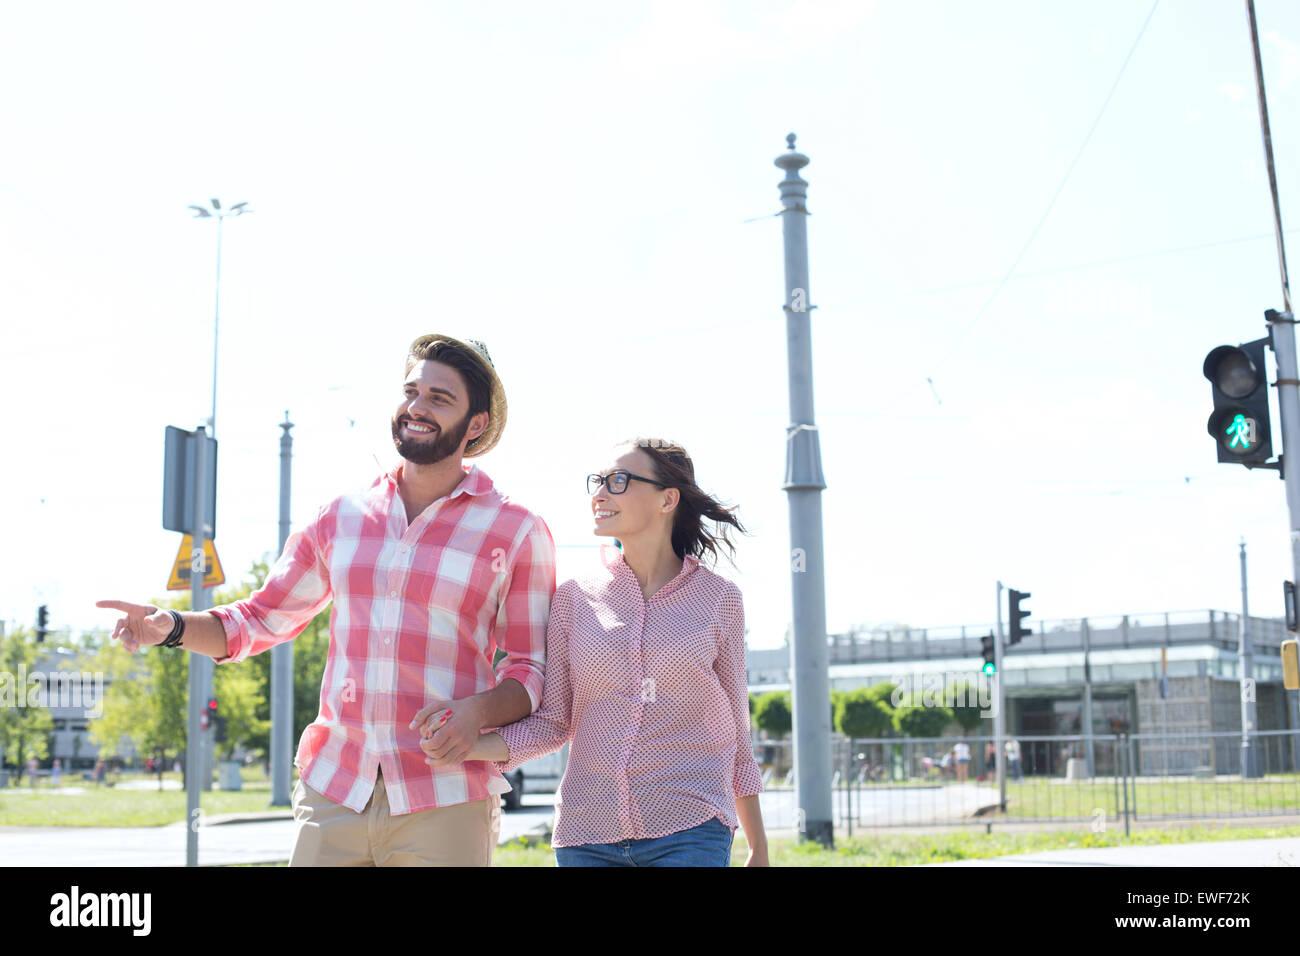 Feliz pareja caminando en la ciudad contra el cielo claro Imagen De Stock